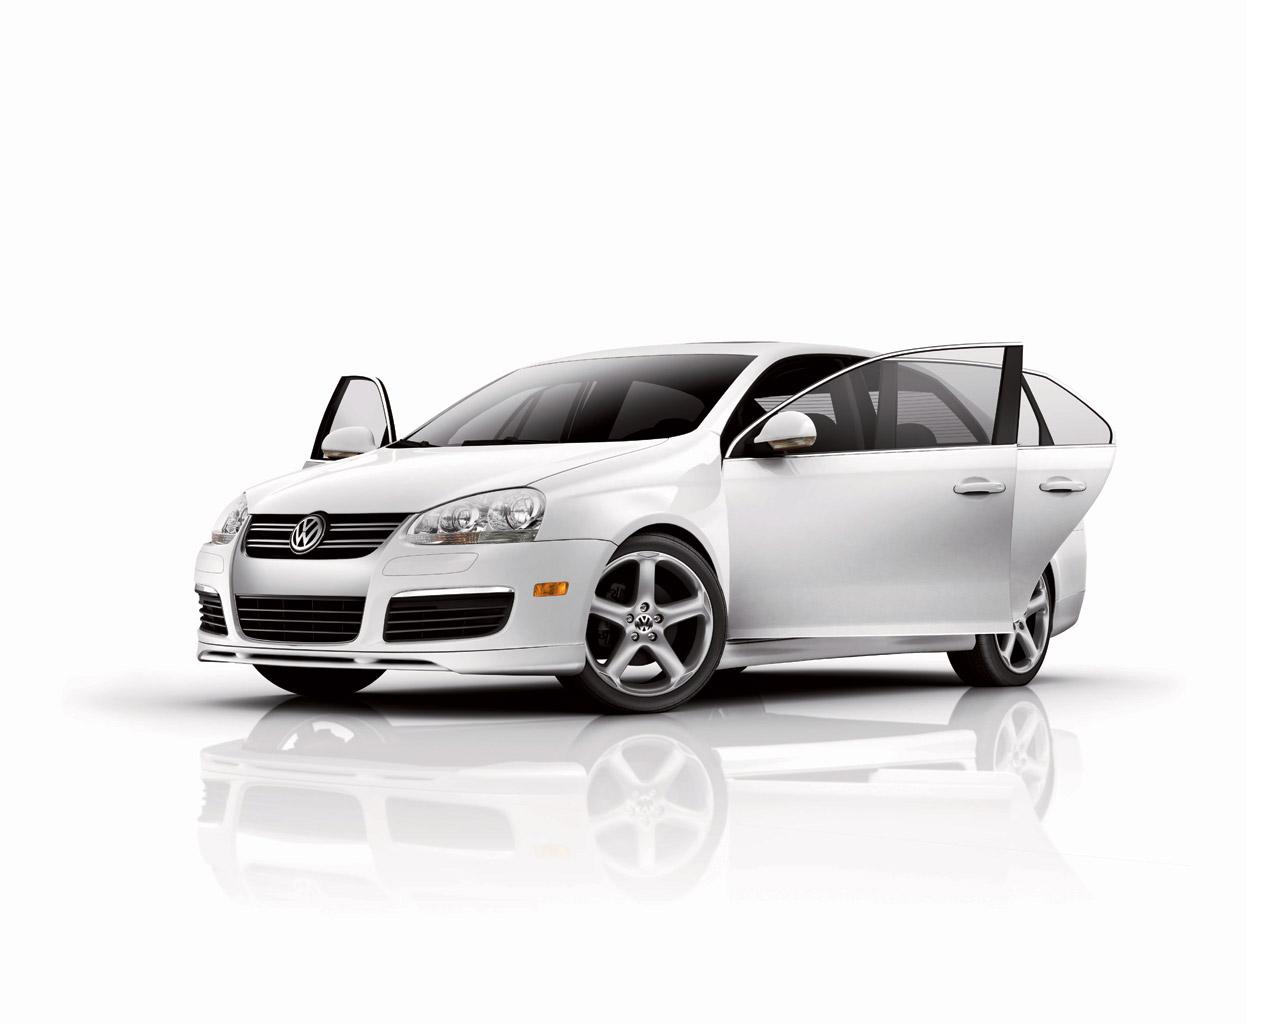 http://3.bp.blogspot.com/-nDfb0PoG_zo/TluyOPNdptI/AAAAAAAAAJA/vg8R2F2J-qE/s1600/Volkswagen-Jetta2.jpg